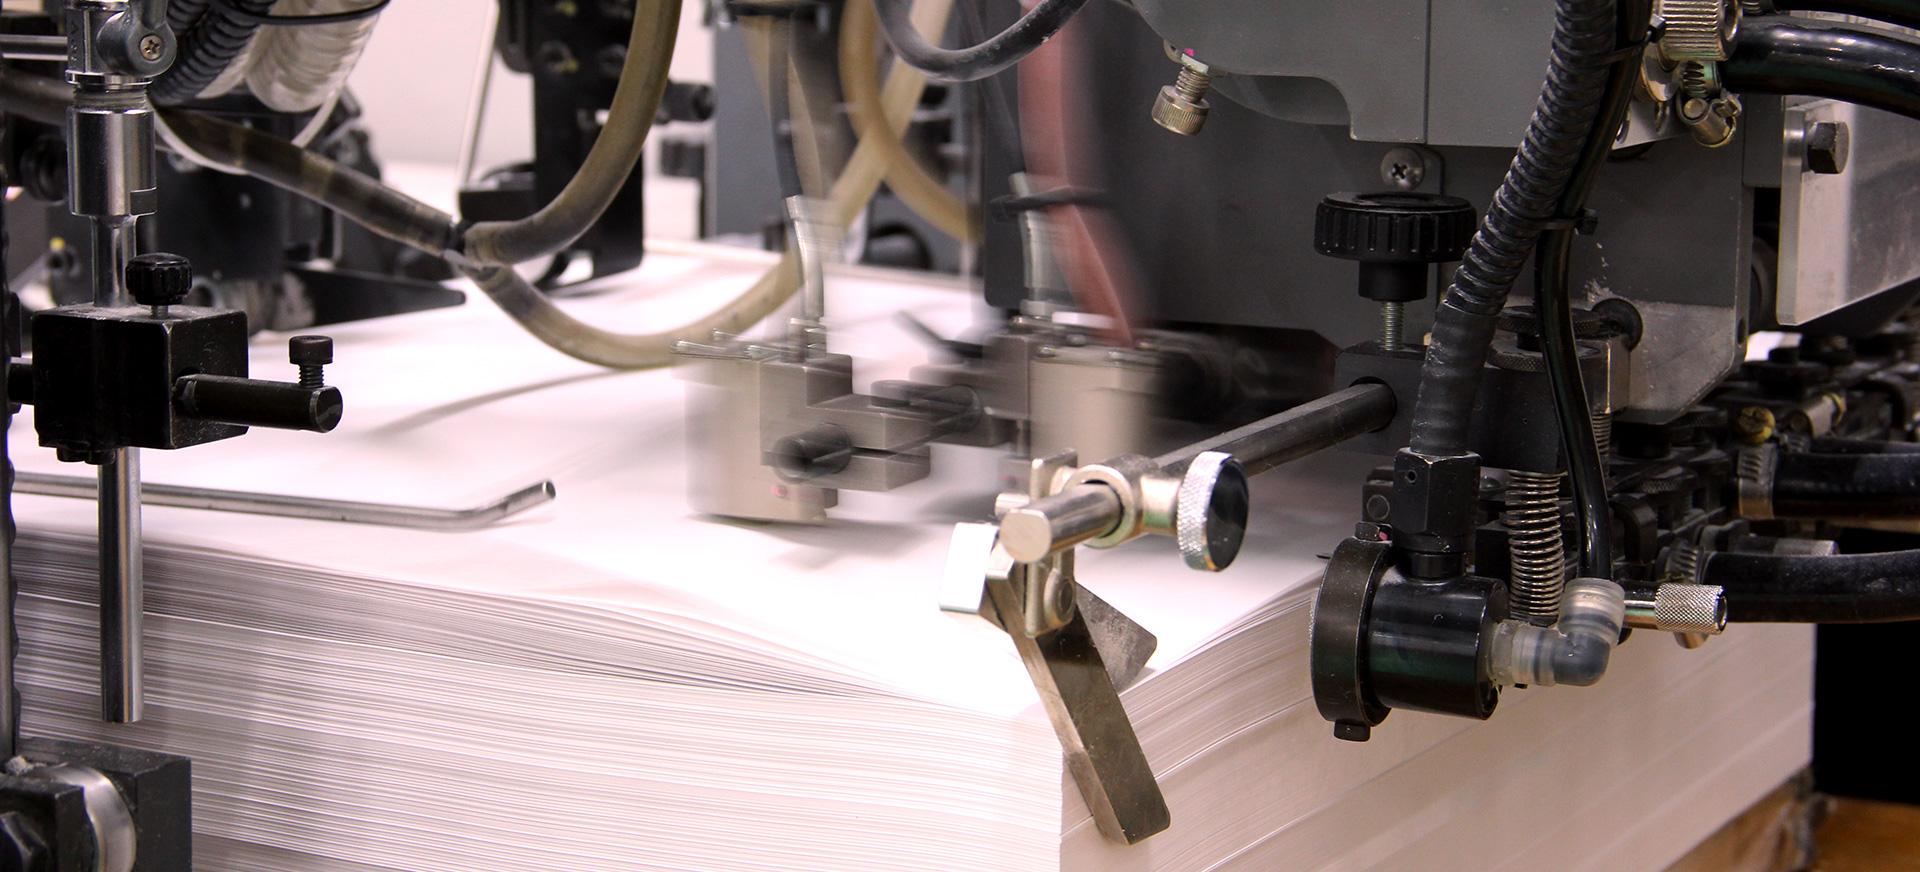 ニシキプリントの印刷機